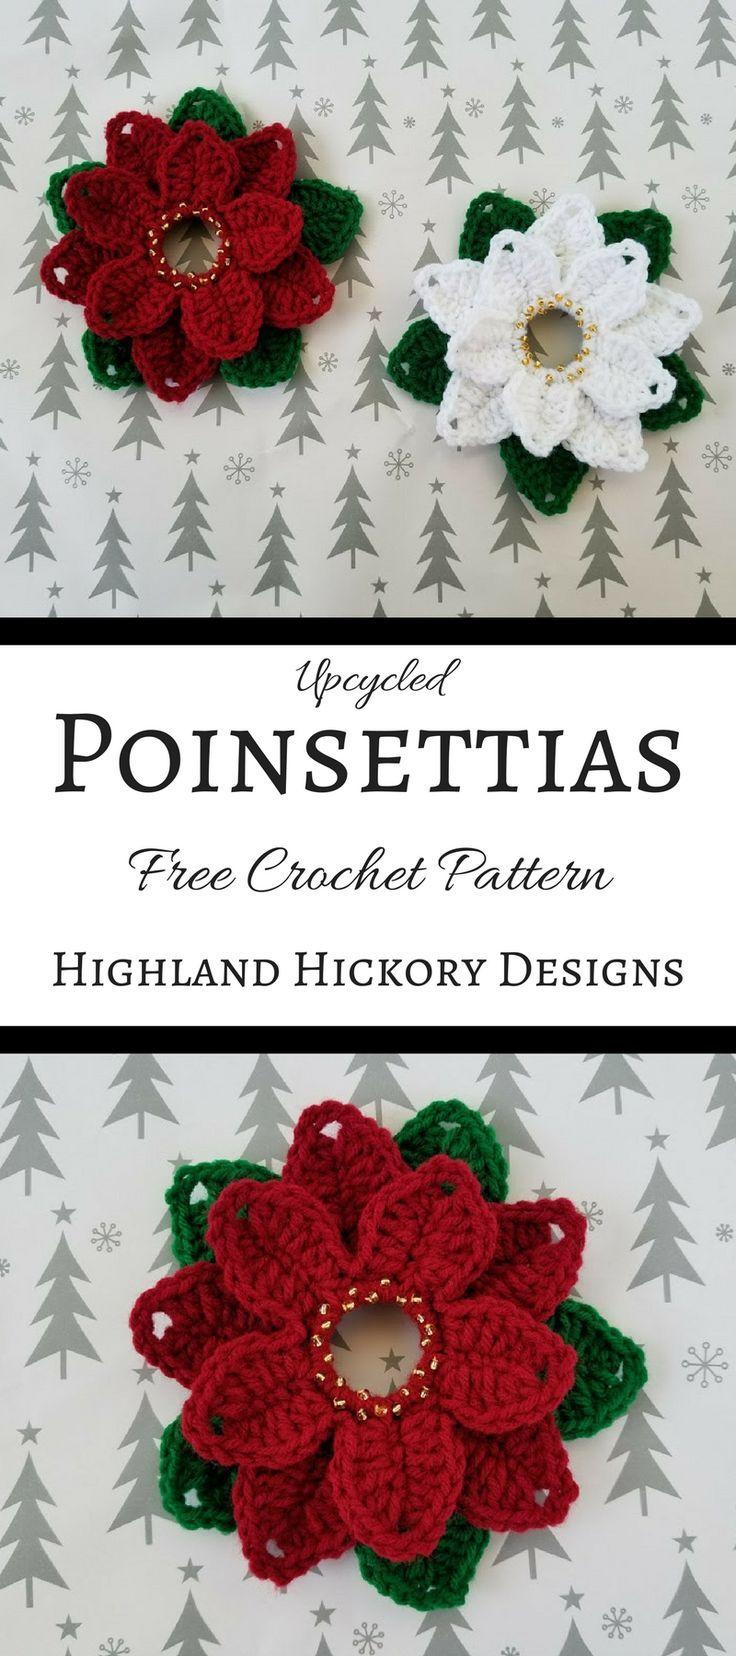 Upcycled Poinsettias | Navidad, Flores de papel y Carpeta